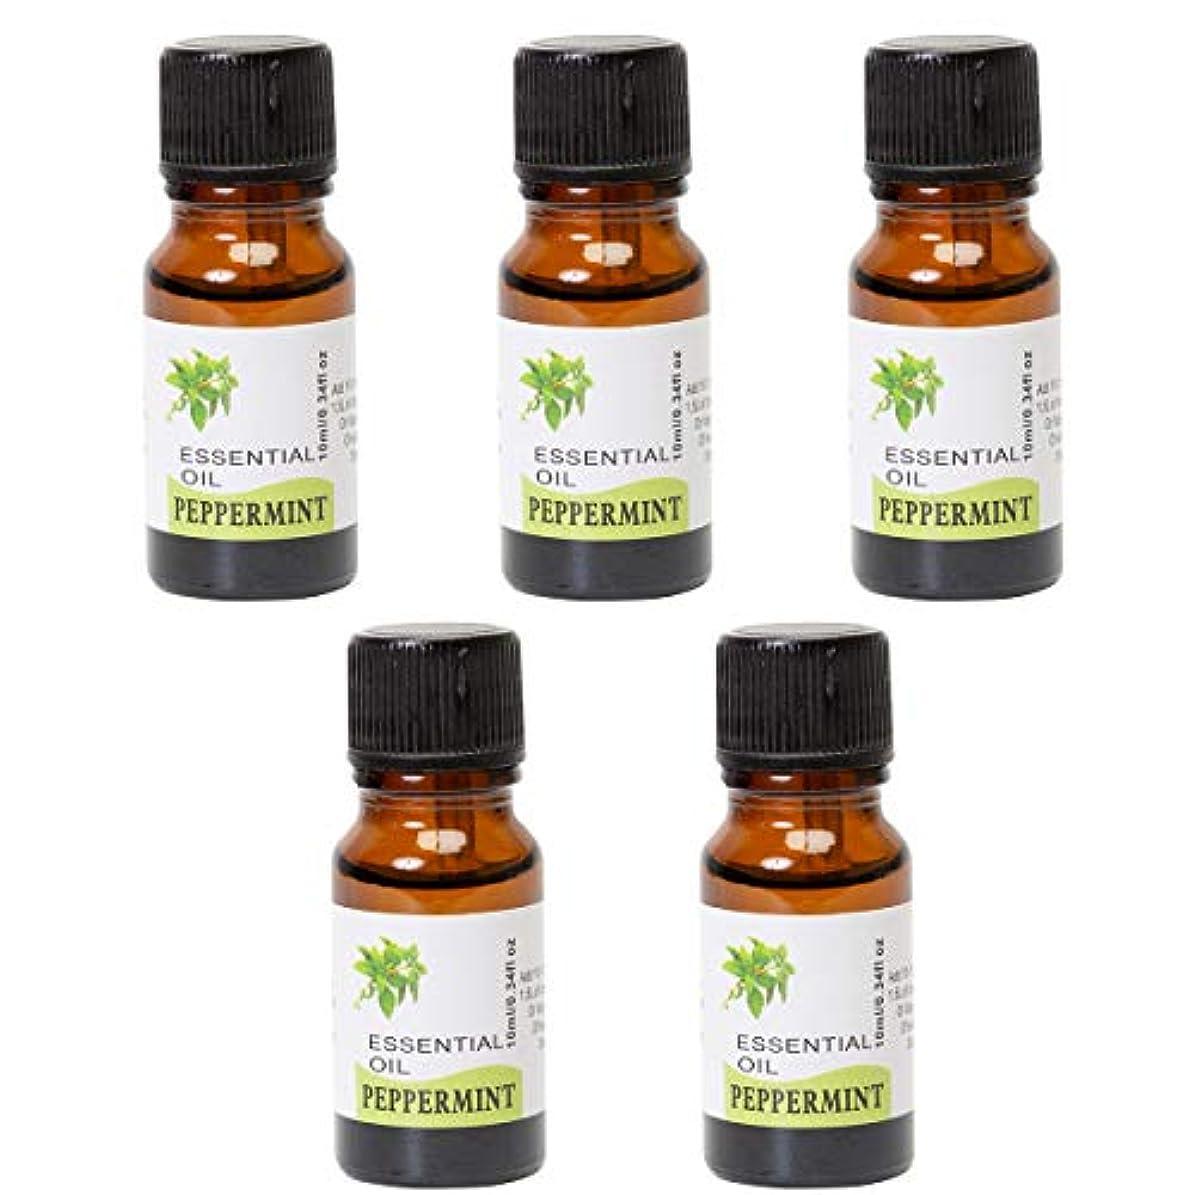 樹木とげのある同時【天然100%オイルの心地よい香りでリラックス エッセンシャルオイル 5本セット】 天然100%の自然の力でリフレッシュ アロマバスとしても使える 1本10ml×5本入り 芳香剤 アロマ (ペパーミントの香り)